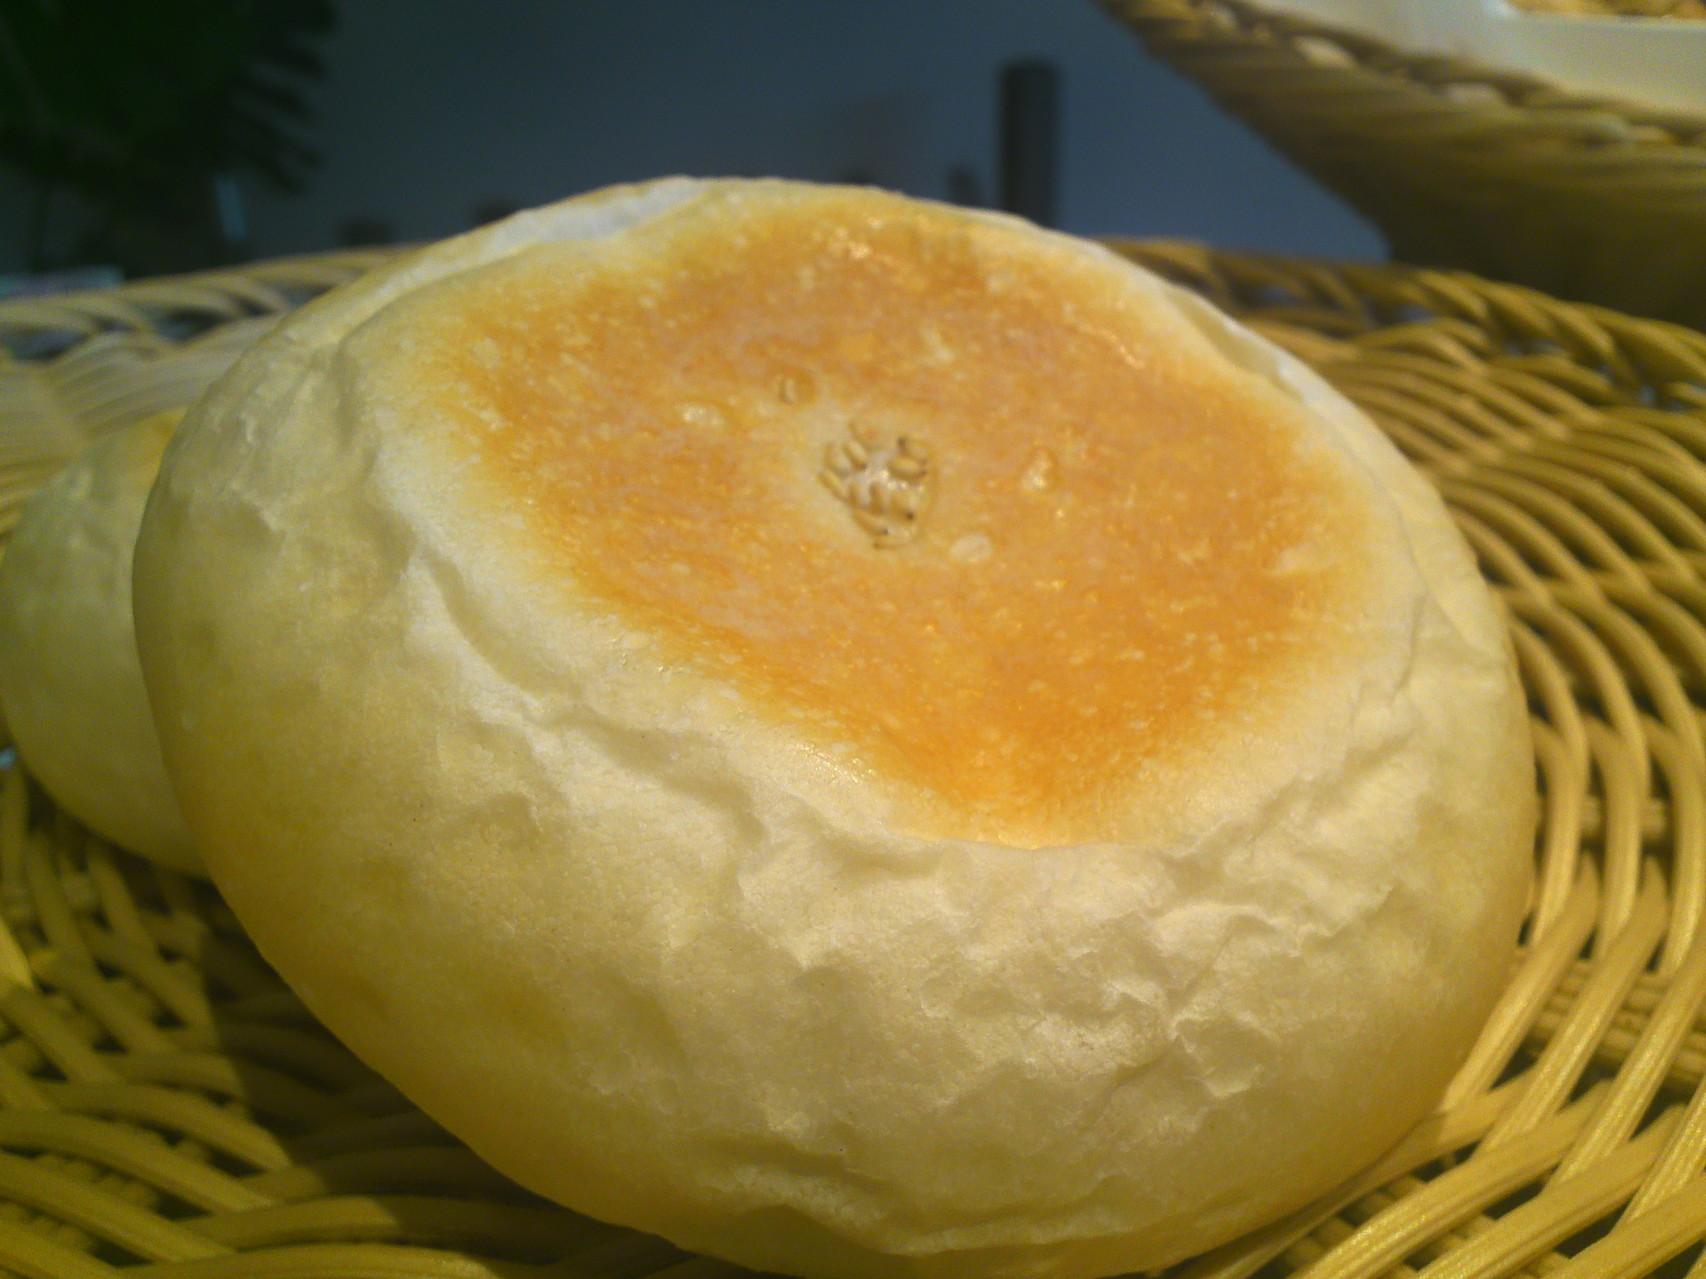 シャキシャキごぼうと、とろ~りチーズのおいしい組み合わせ☆    きんぴらごぼうとチーズ